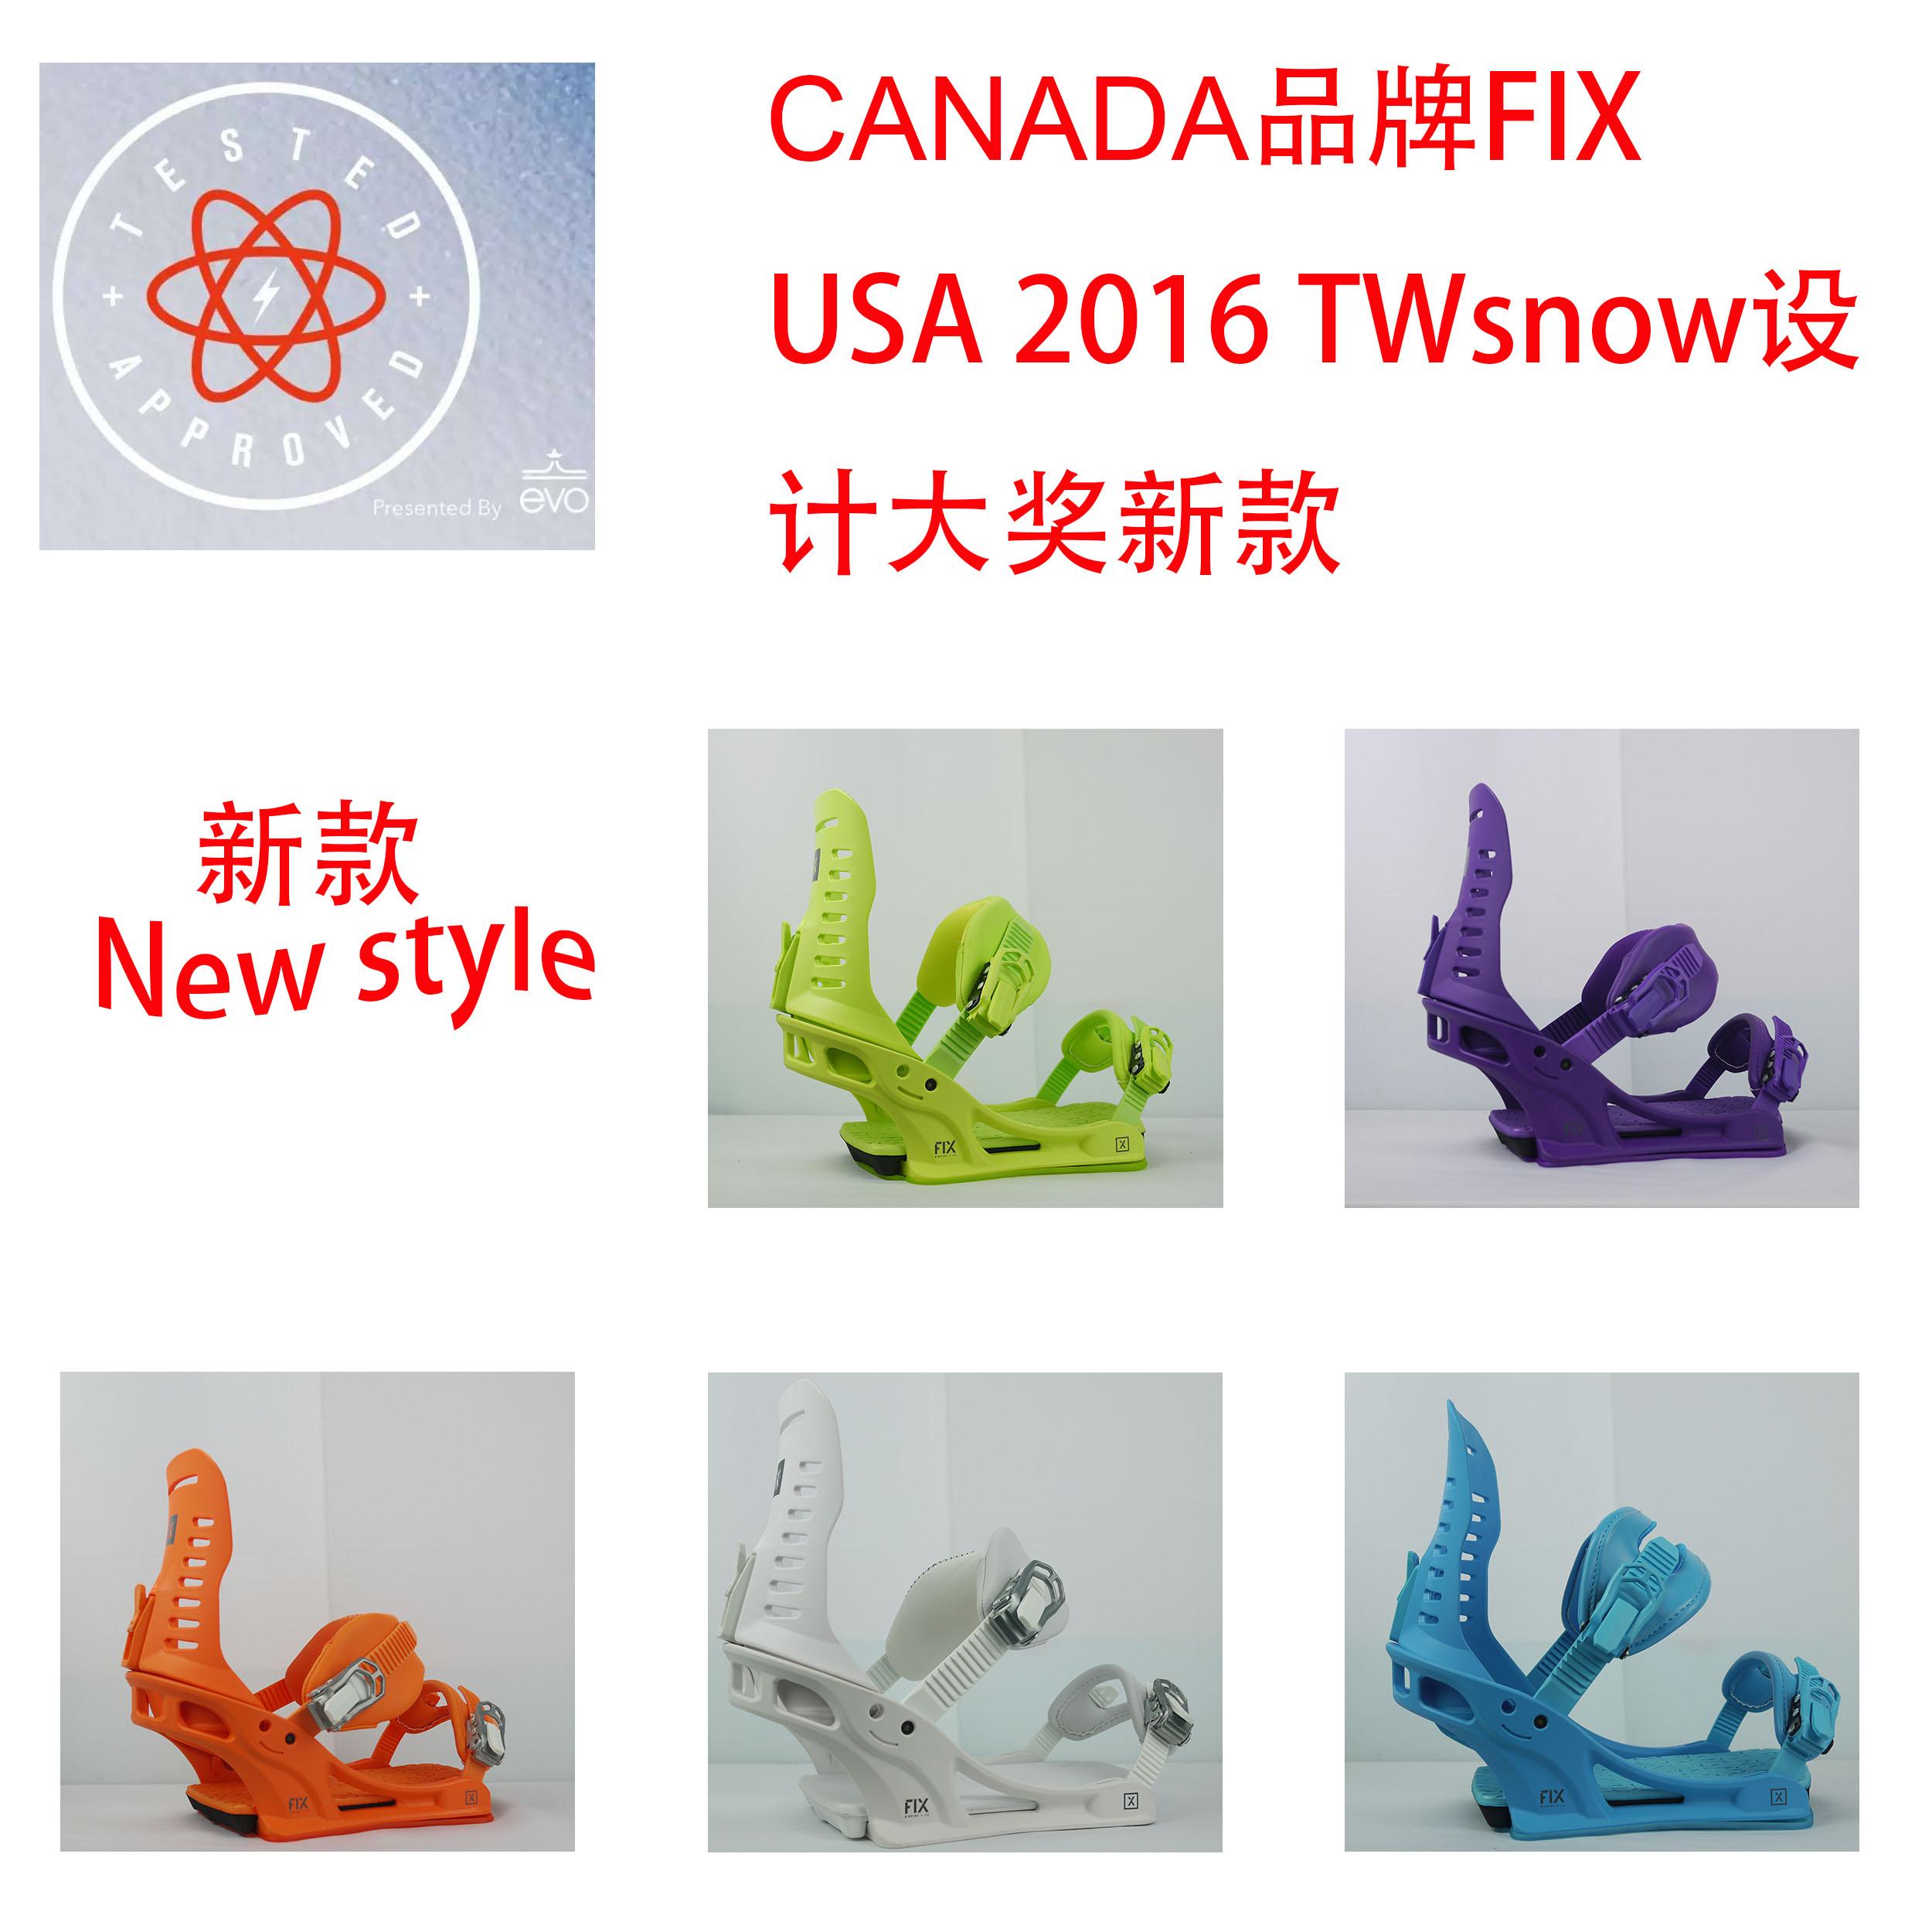 Шпон катание на лыжах доска фиксированный добавлена канада марка FIX сша 2016TWsnow дизайн большой награда модель фабрика товаров